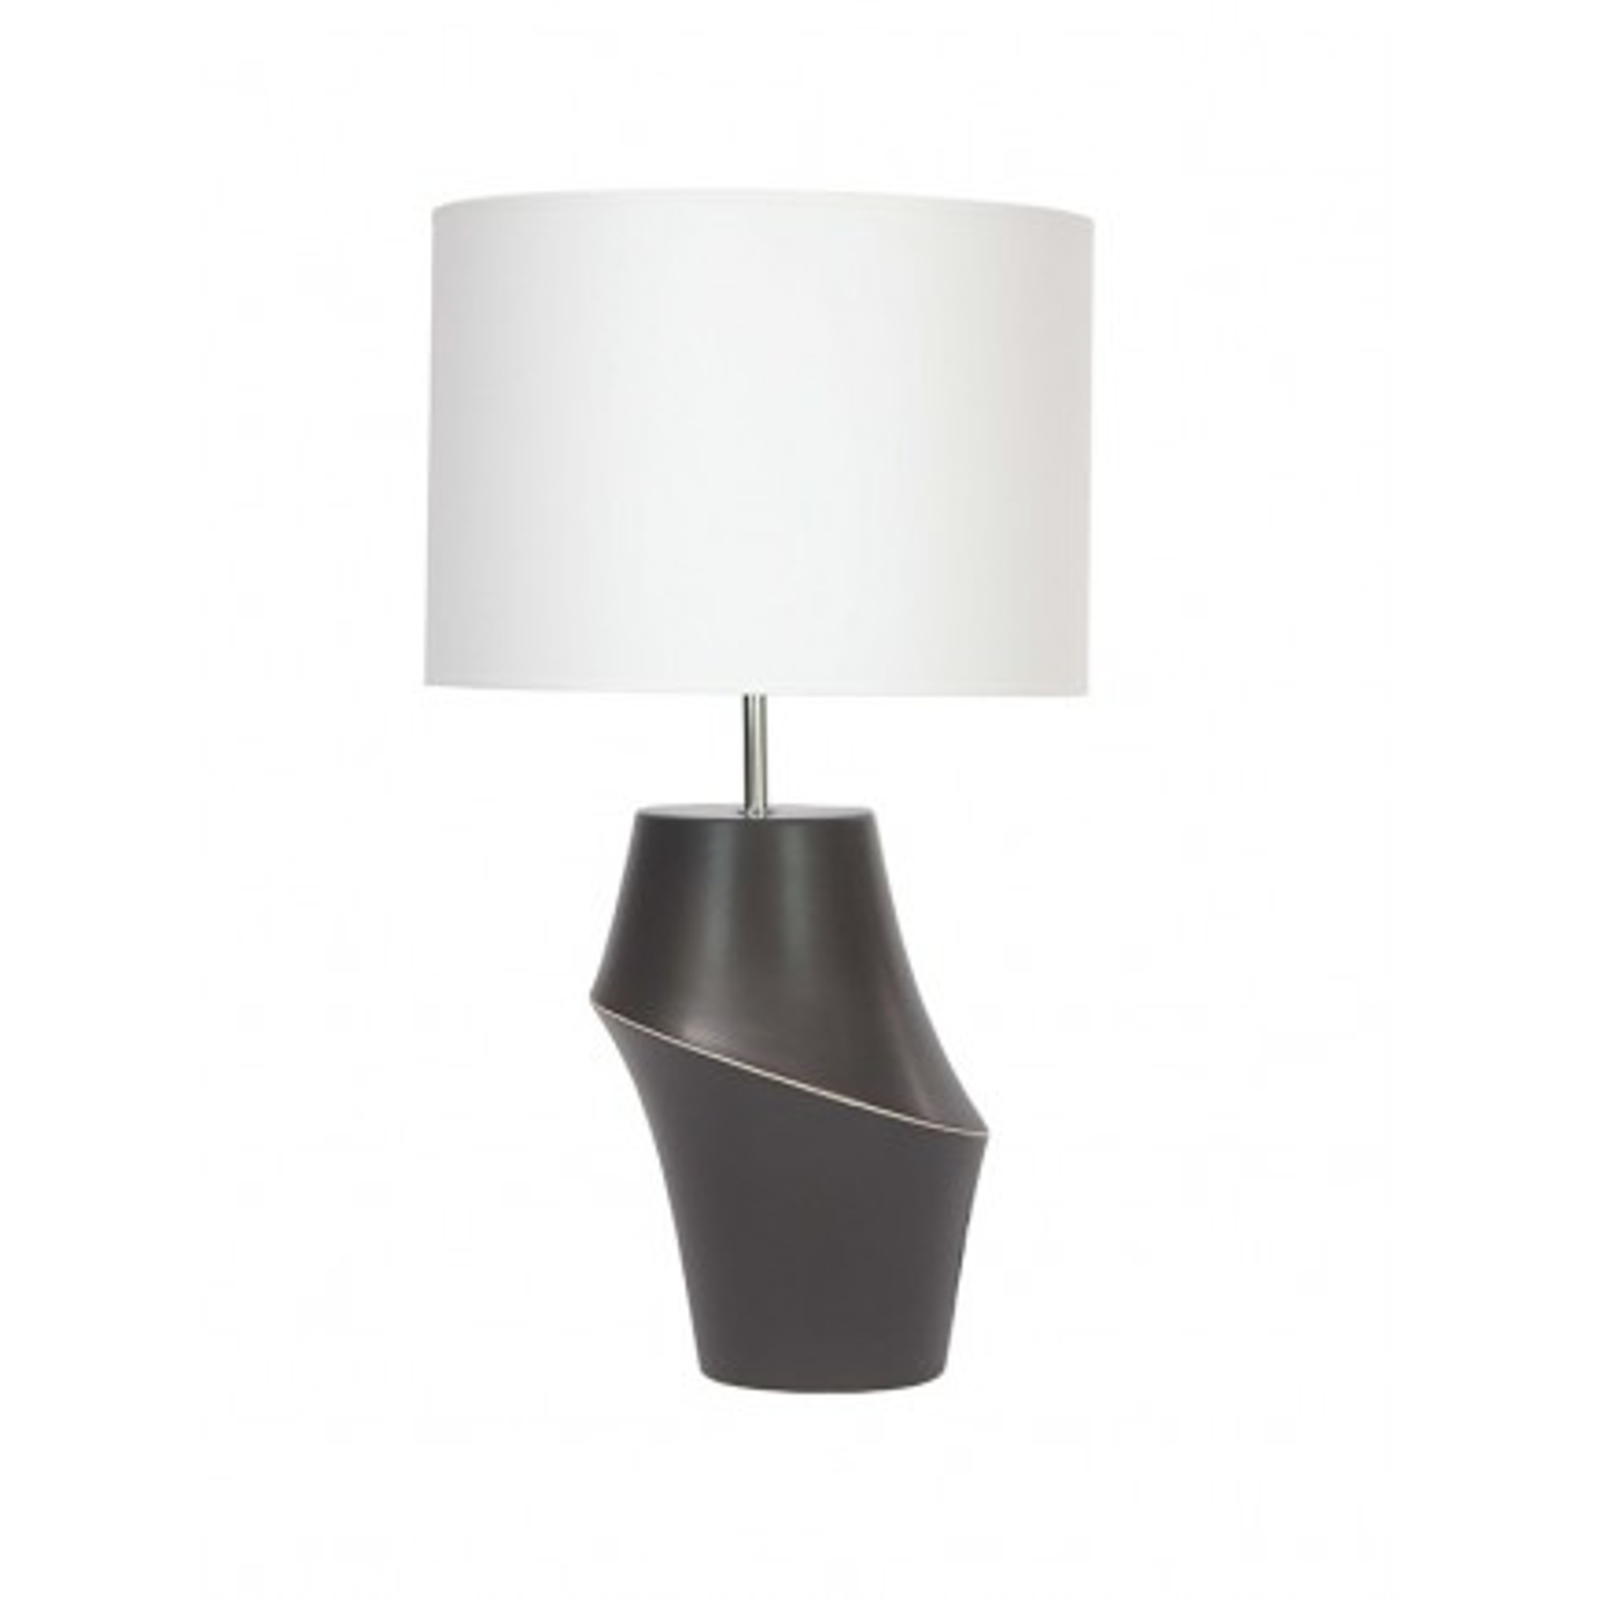 Lampe Polka Céramique - déco contemporaine